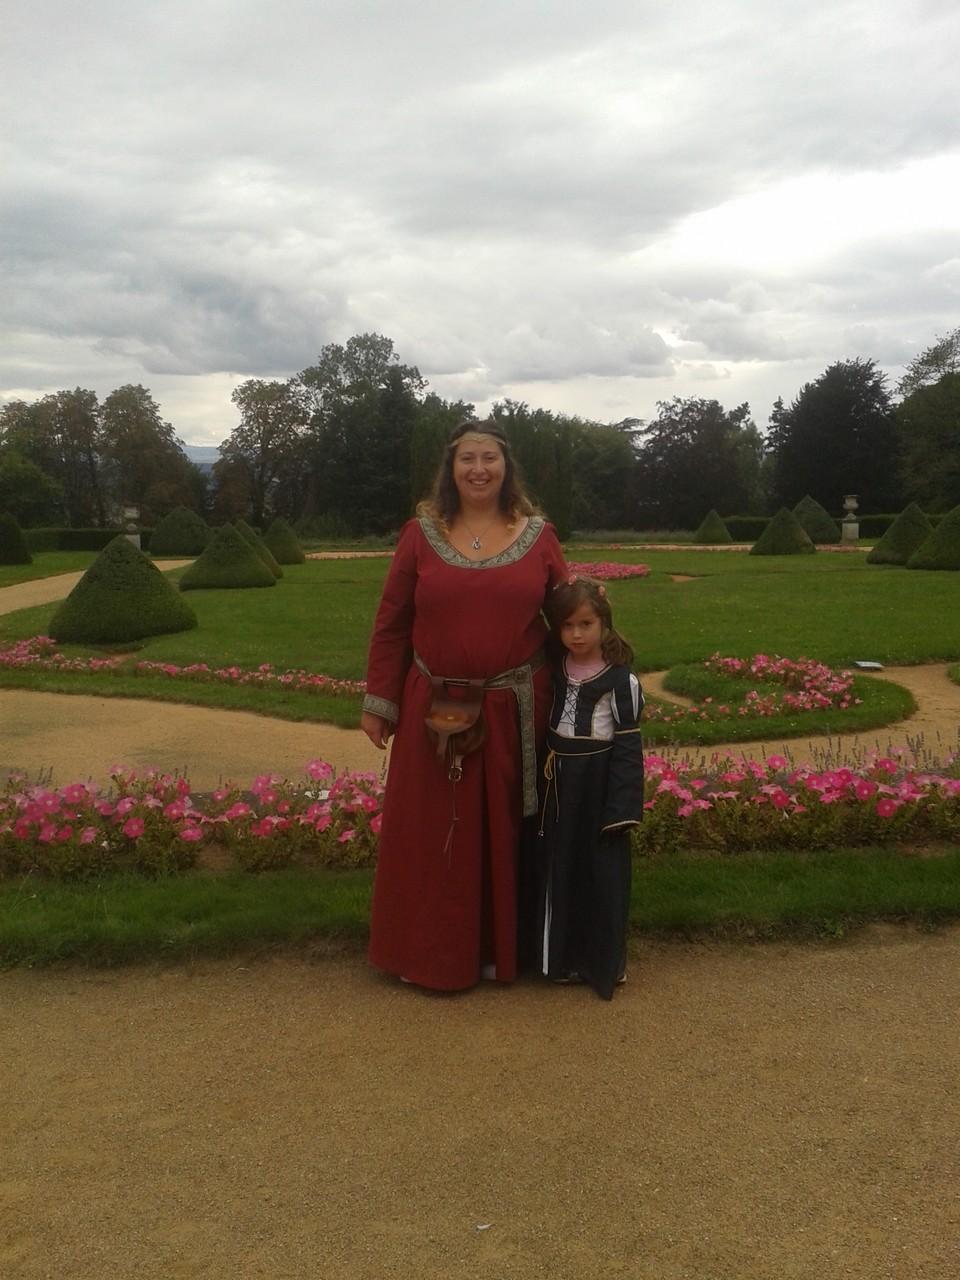 Robe médiévale femme et enfant - Médiévales de Busset 2014 - Nathalie Navarro Créations